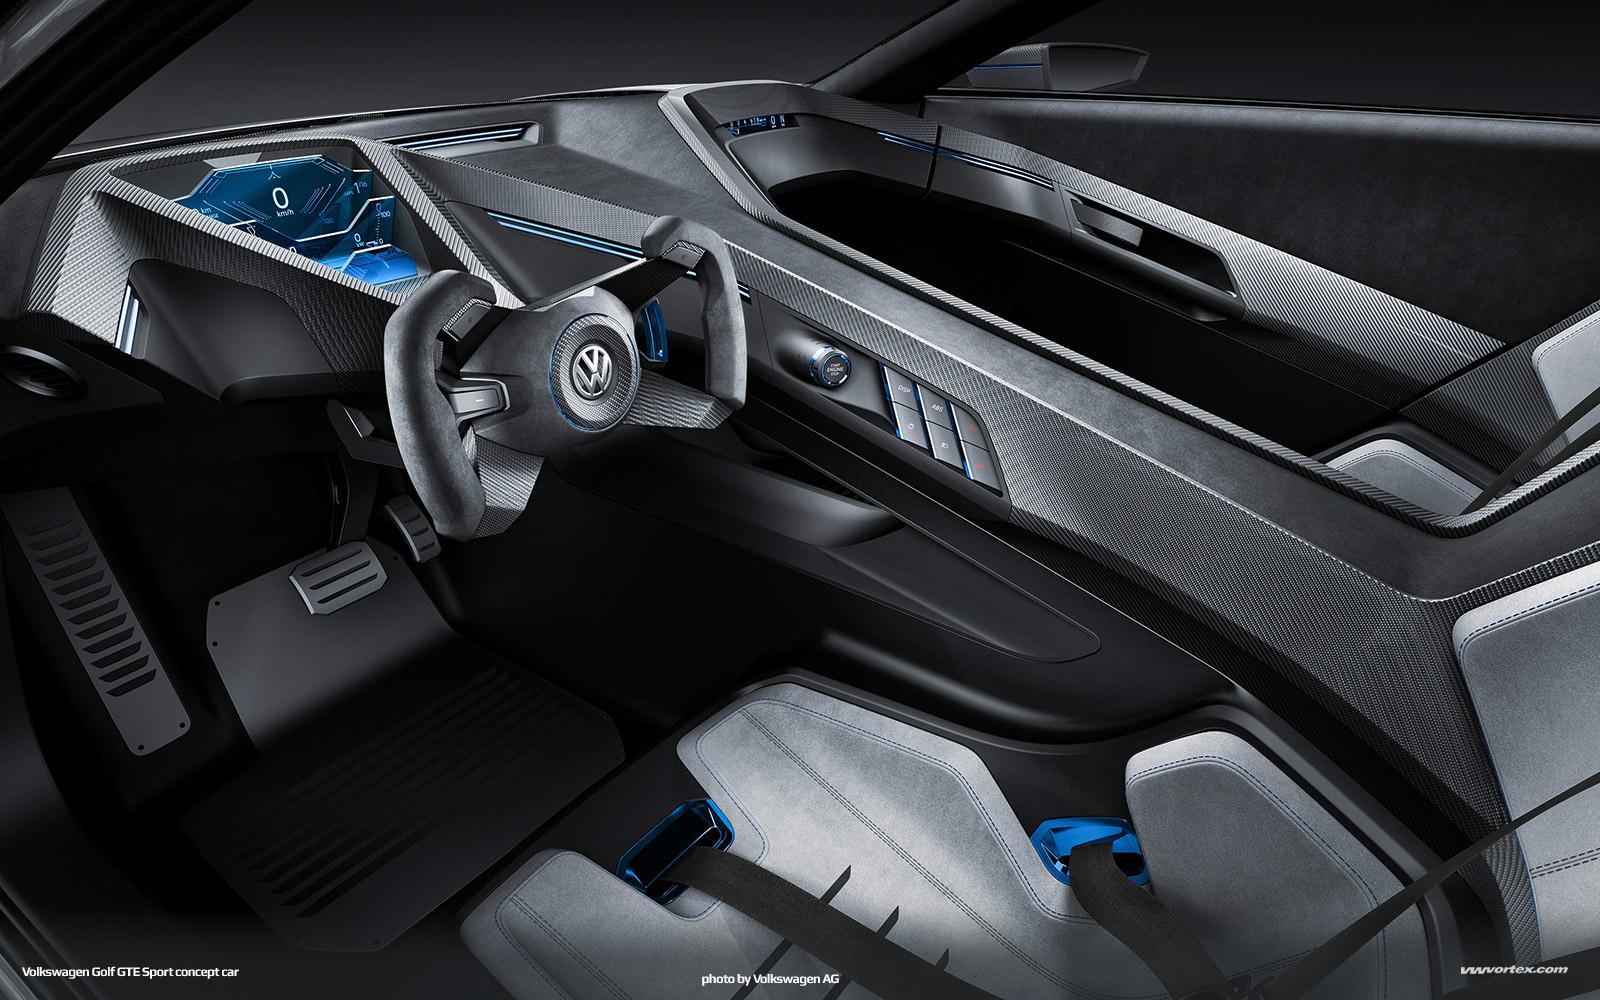 Volkswagen-Golf-GTE-Sport-concept-924